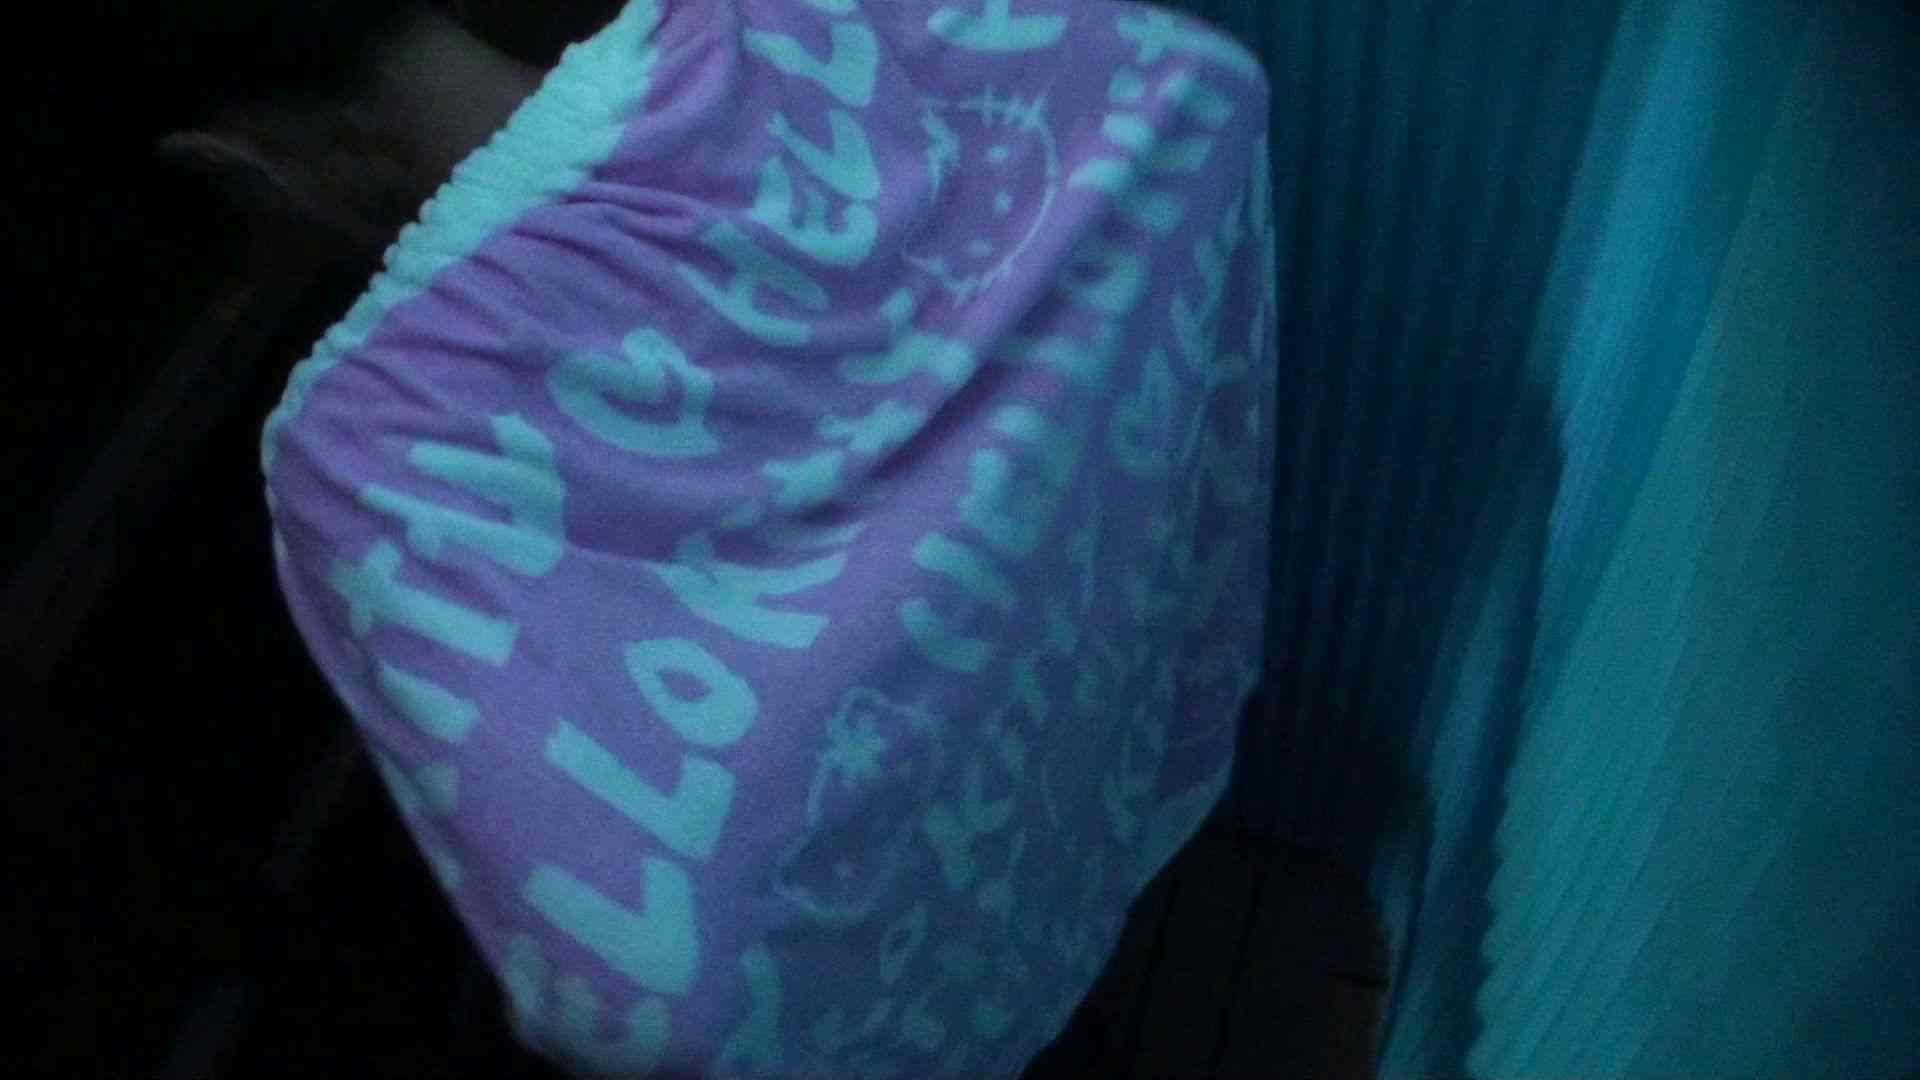 シャワールームは超!!危険な香りVol.26 大学生風美形ギャル 暗さが残念! 高画質 盗み撮りオマンコ動画キャプチャ 86pic 31